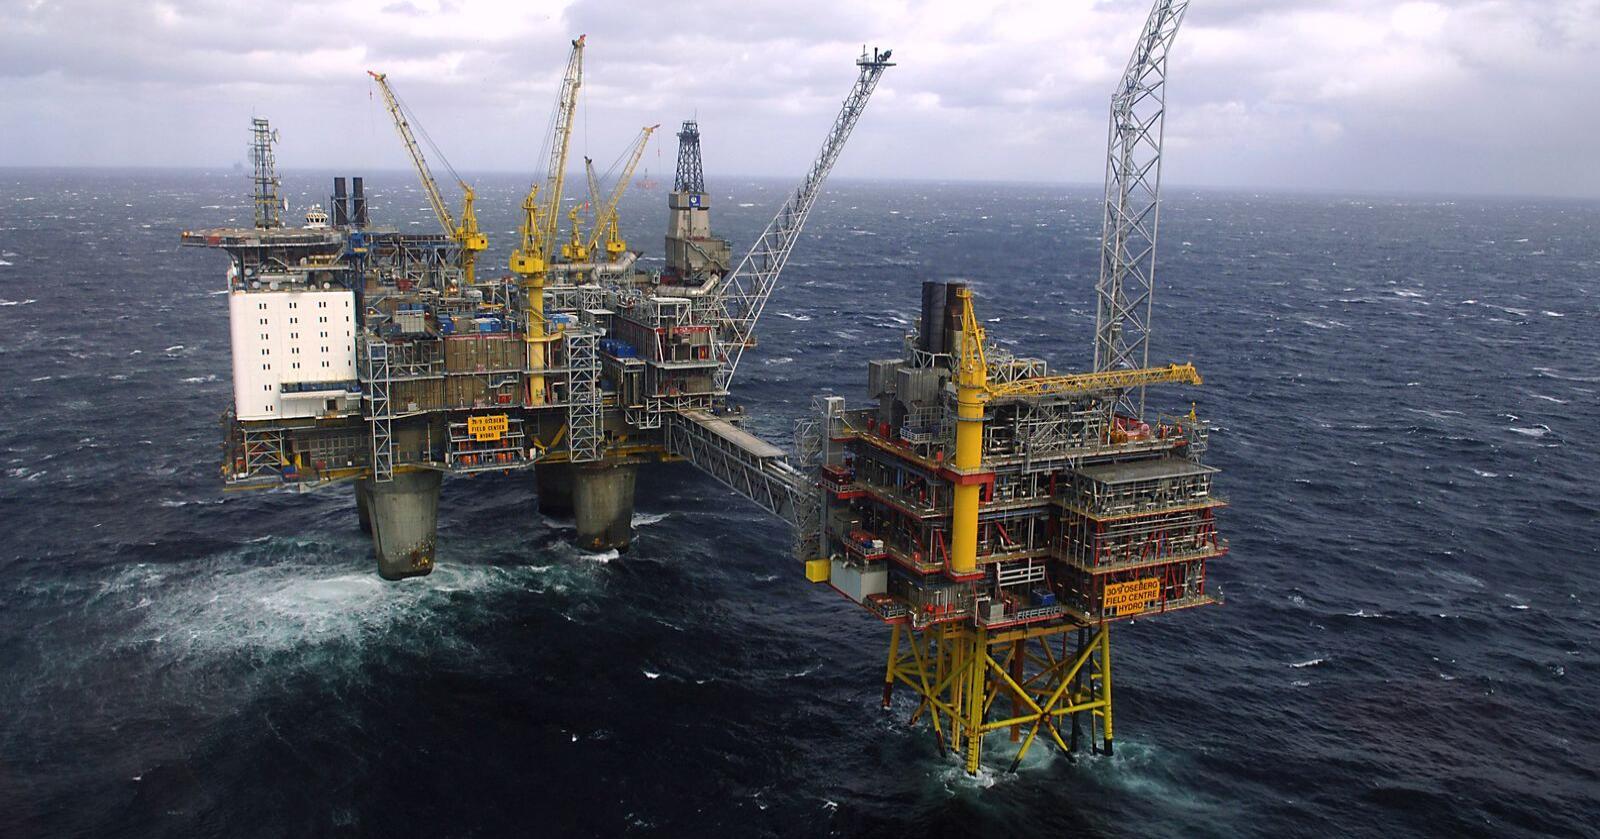 Norsk eksport gikk ned 7,8 prosent fra januar i fjor til januar i år. Lavere eksportverdi for naturgasser er hovedforklaringen. Arkivfotofoto: Helge Hansen / NTB scanpix